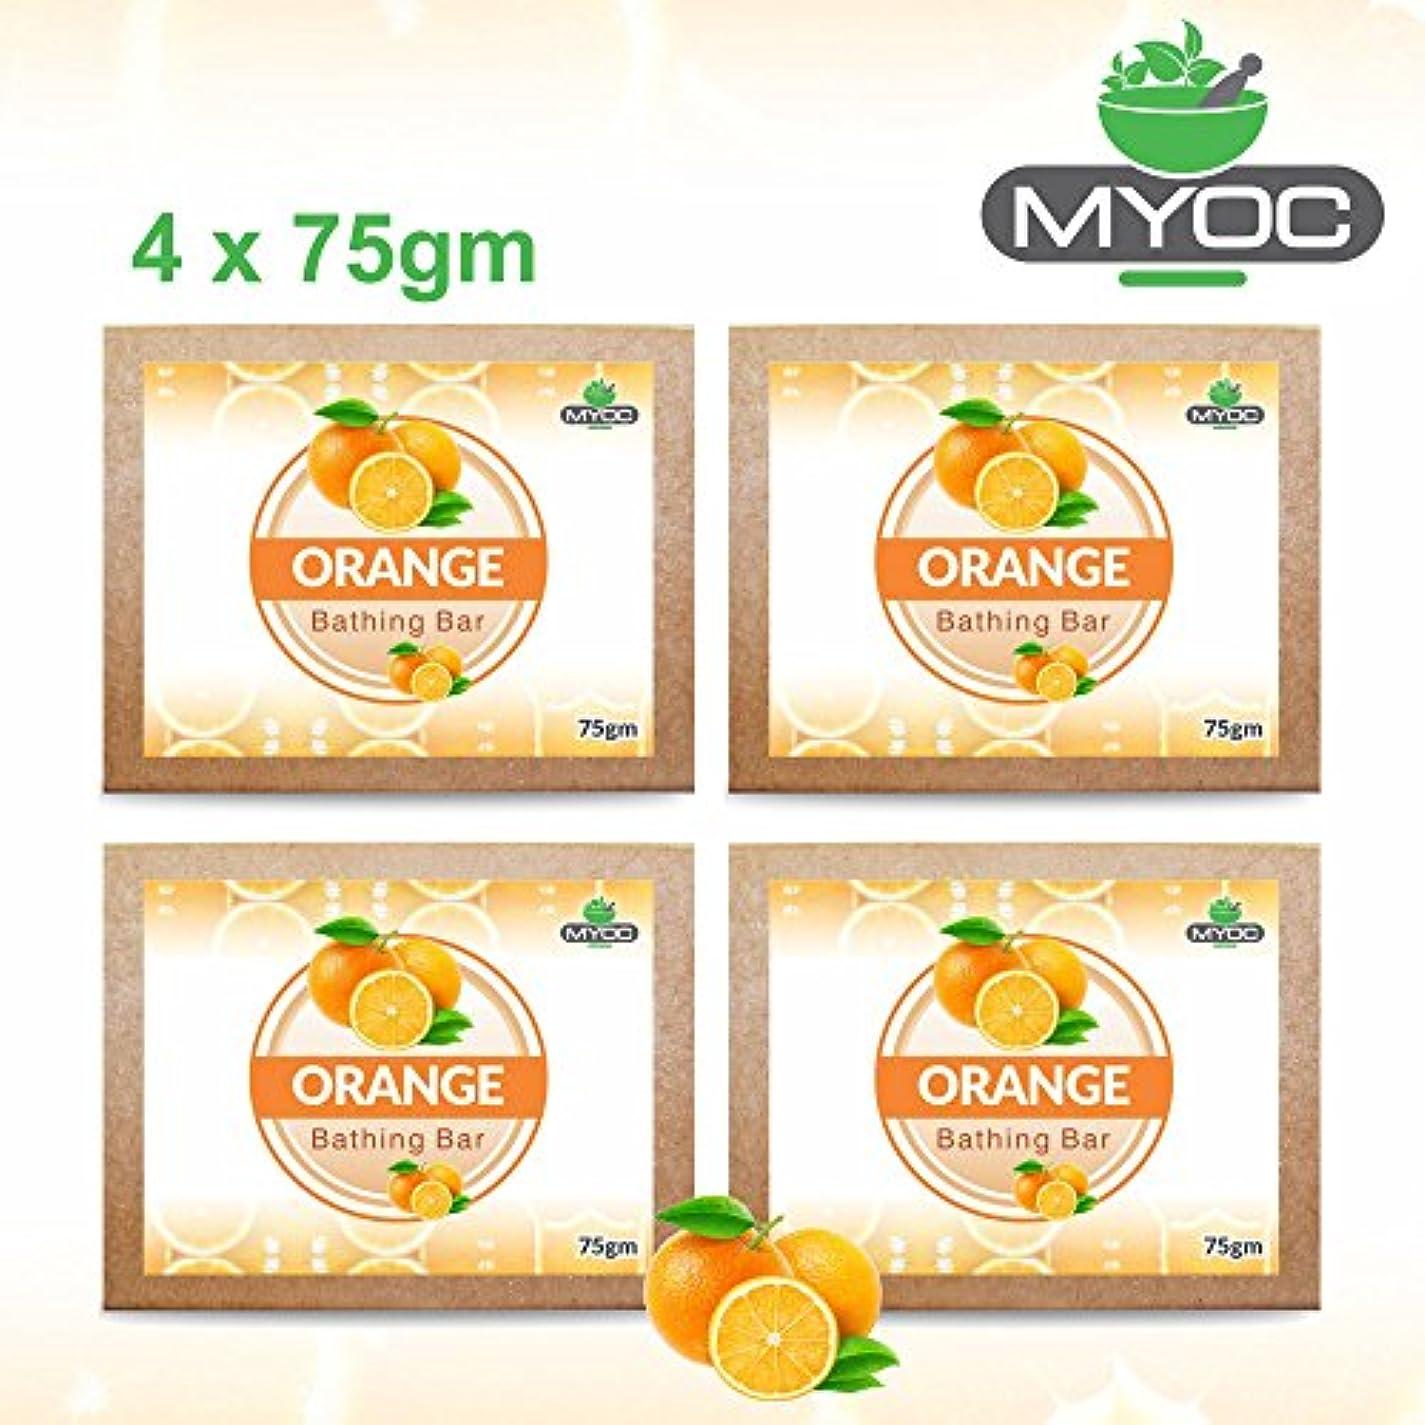 巡礼者迷惑事件、出来事Orange soap for dull looking skin. Combats bacteria, rejuvenates skin, fights blemishes and unclog pores 75gm...